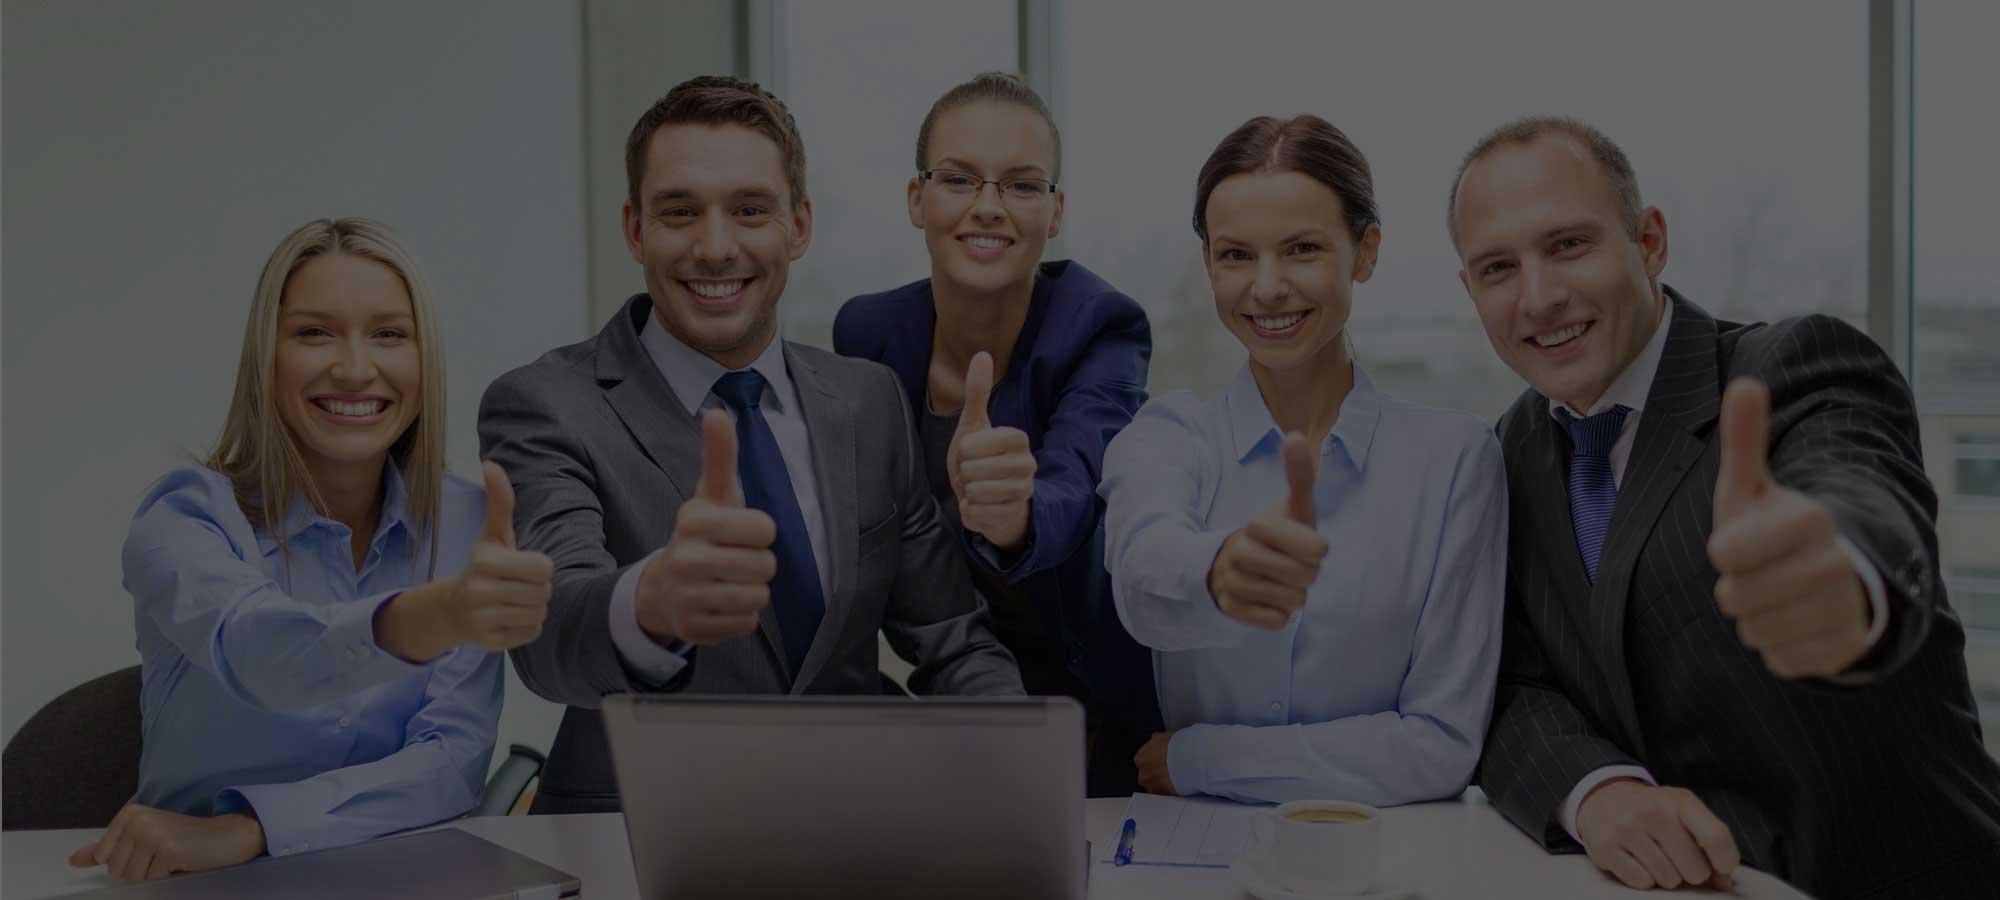 ERP, CRM, BI, Mobility, Portal, Cloud Solution Specialist | IBIZ